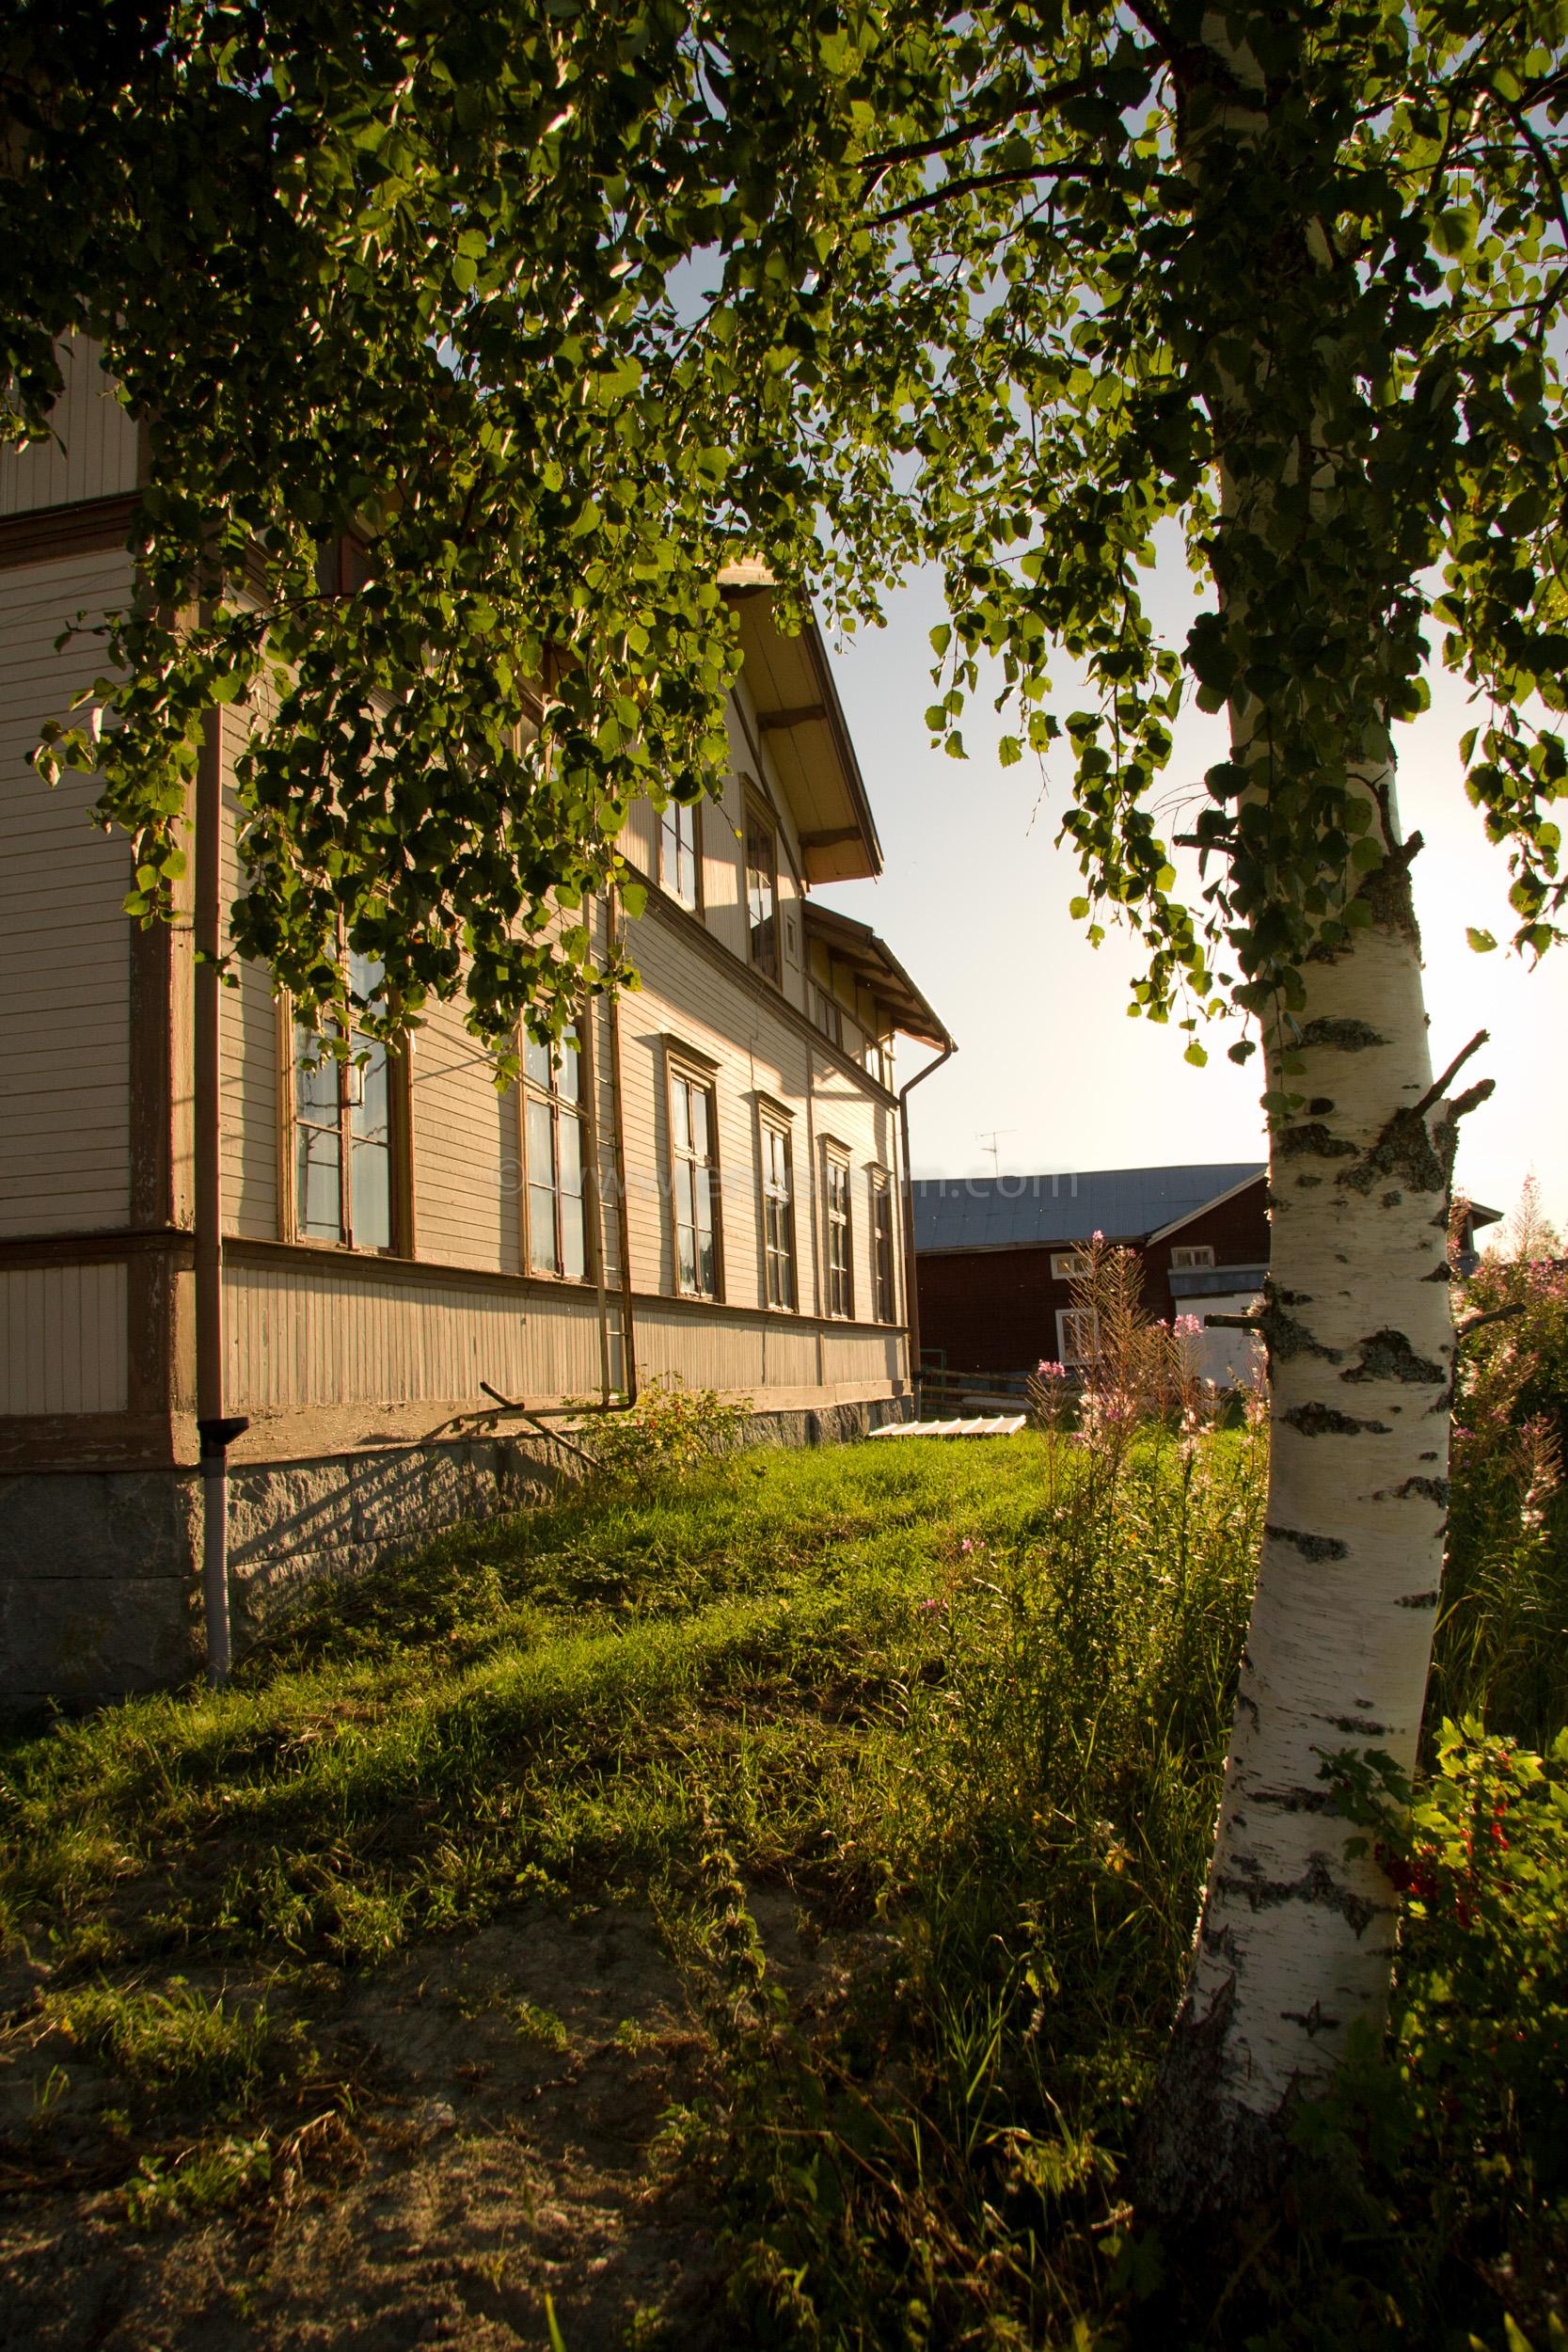 JE_17895, Vacker manngårdsbyggnad, Jonas Engström